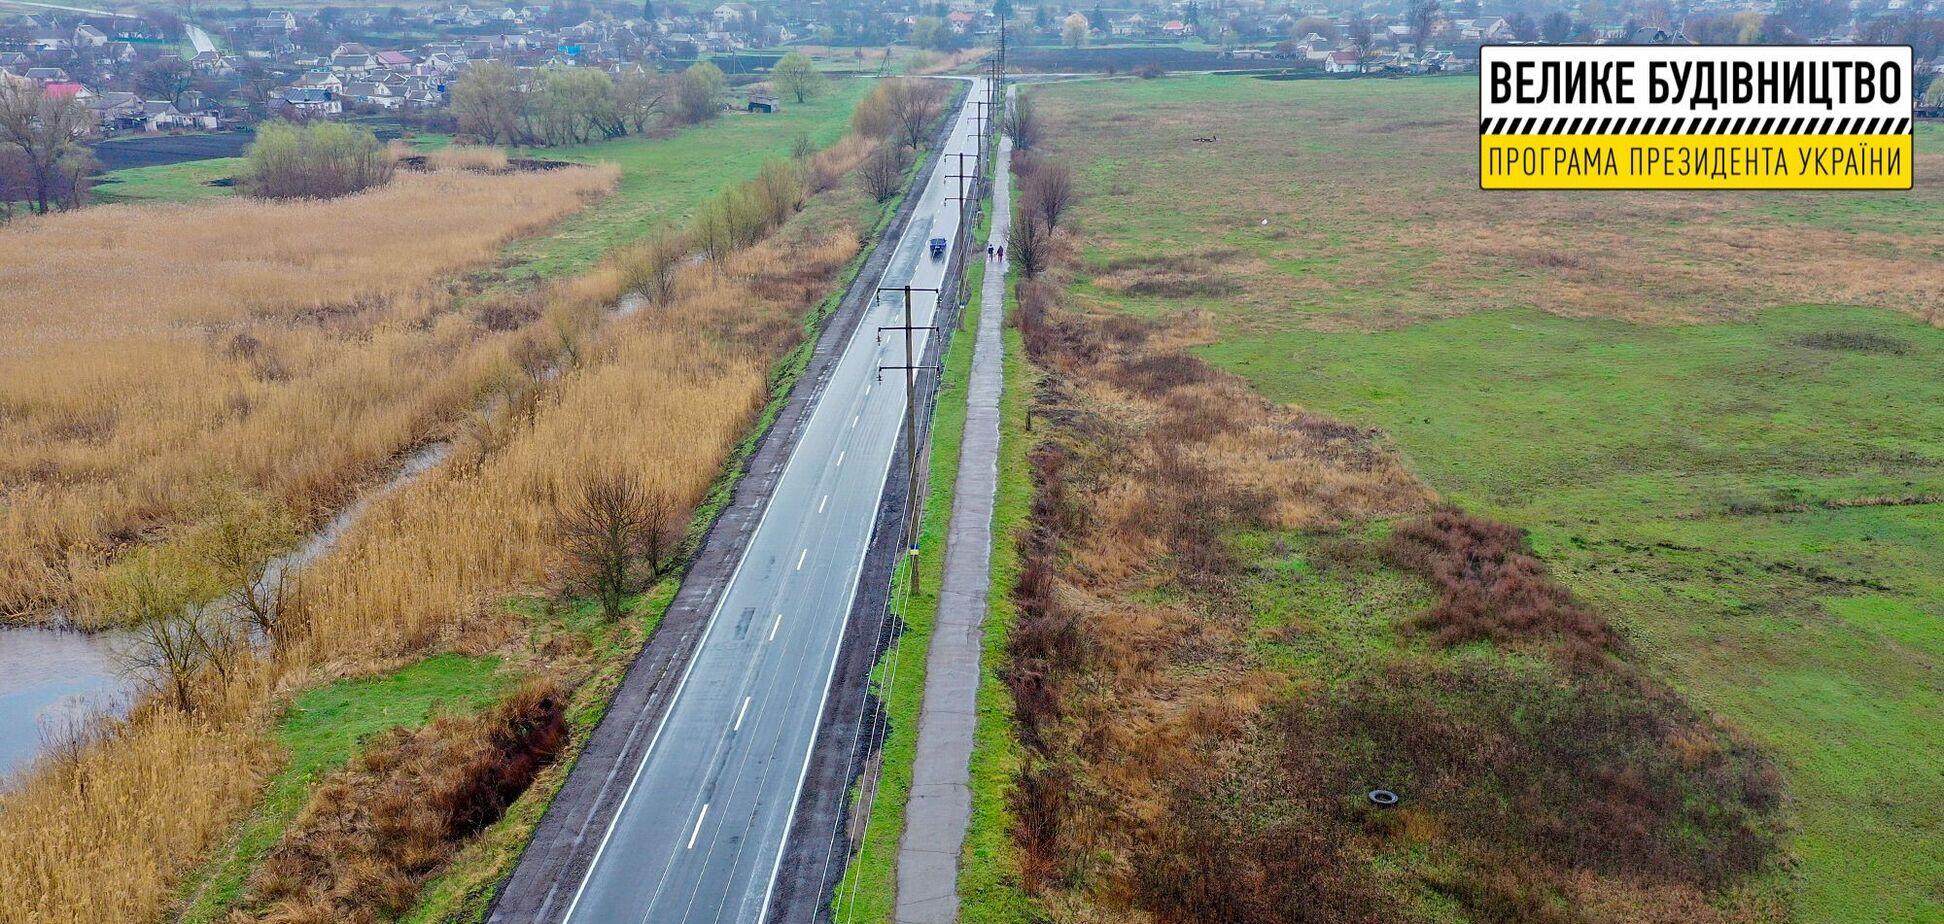 'Большая стройка': объездную Криничек на Днепропетровщине отремонтировали впервые за 10 лет